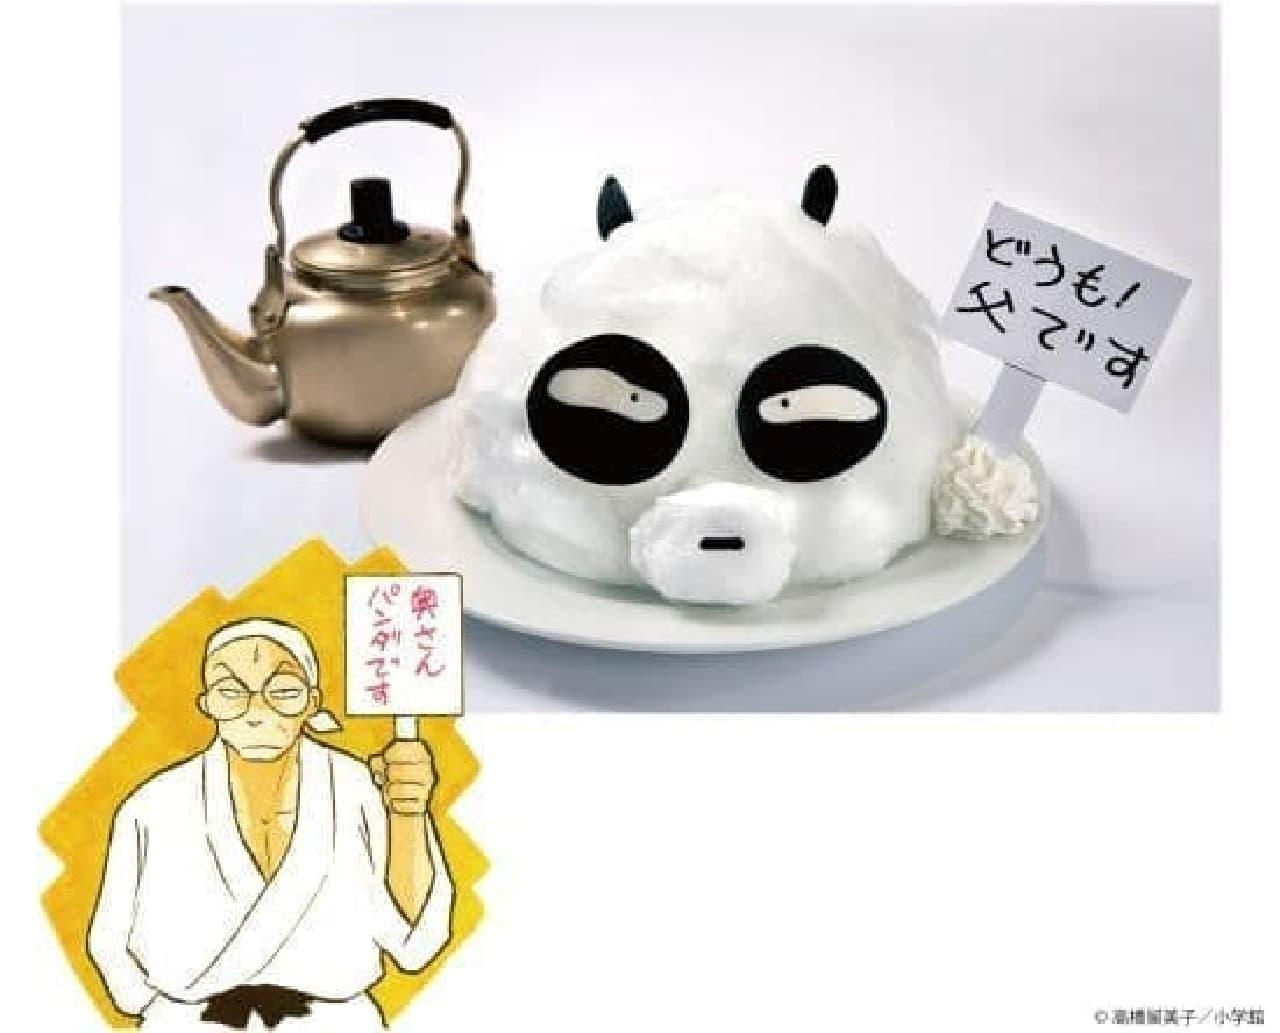 「早乙女玄馬の和風甘味プレート」は、綿菓子でできた玄馬(パンダ)をほうじ茶で溶かすと和風の甘味が楽しめるデザートプレート